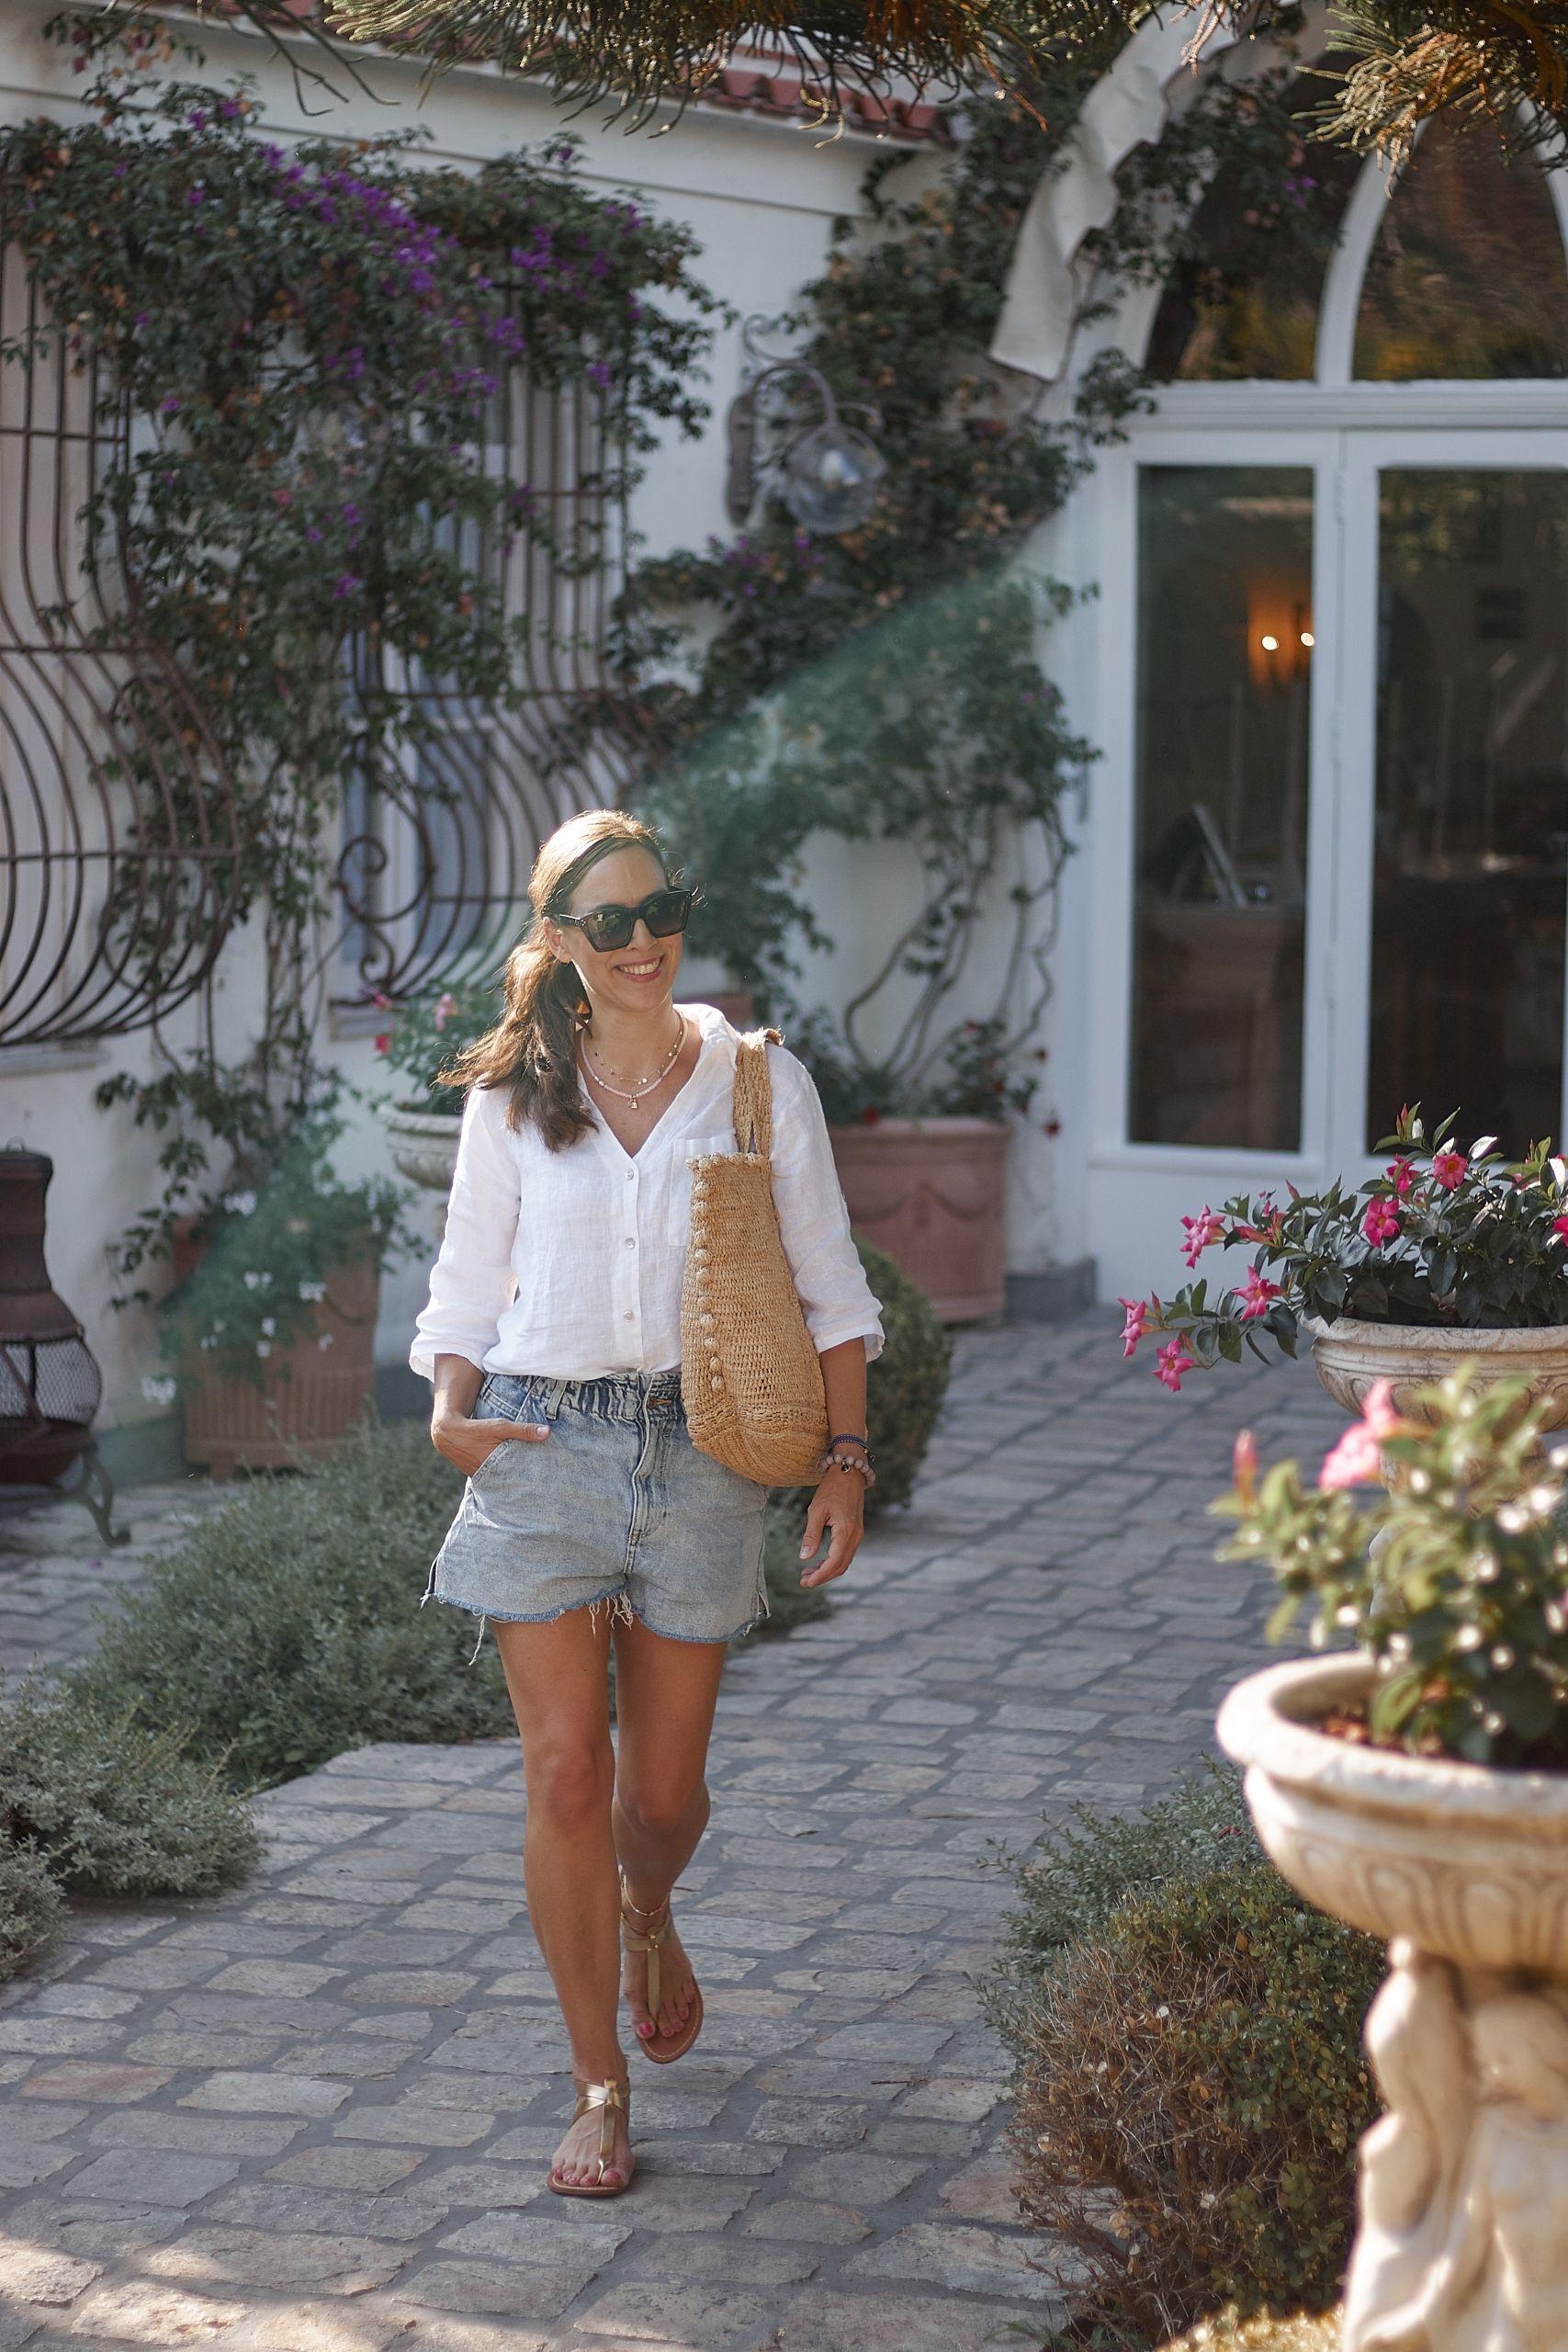 Liberty Woman Online Leinenbluse zu Shorts in Ravello vor dem Hotel Giordano